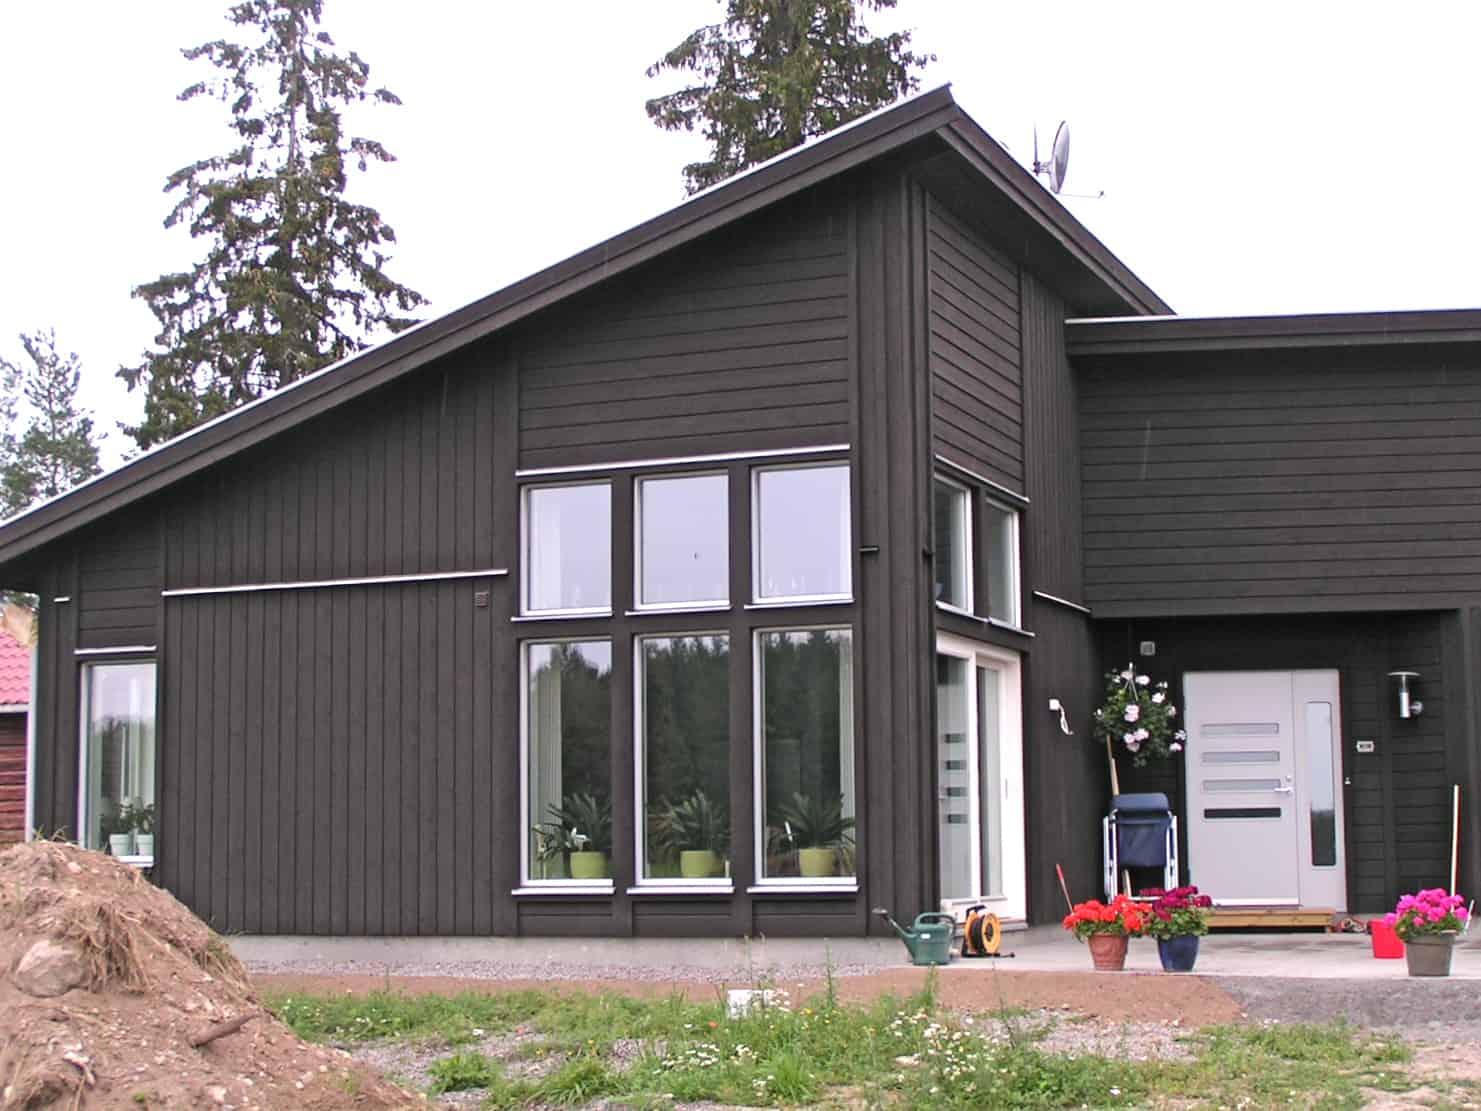 houten huis verven moose f rg zweedse houtverf zeer kosteneffectief On hout huis